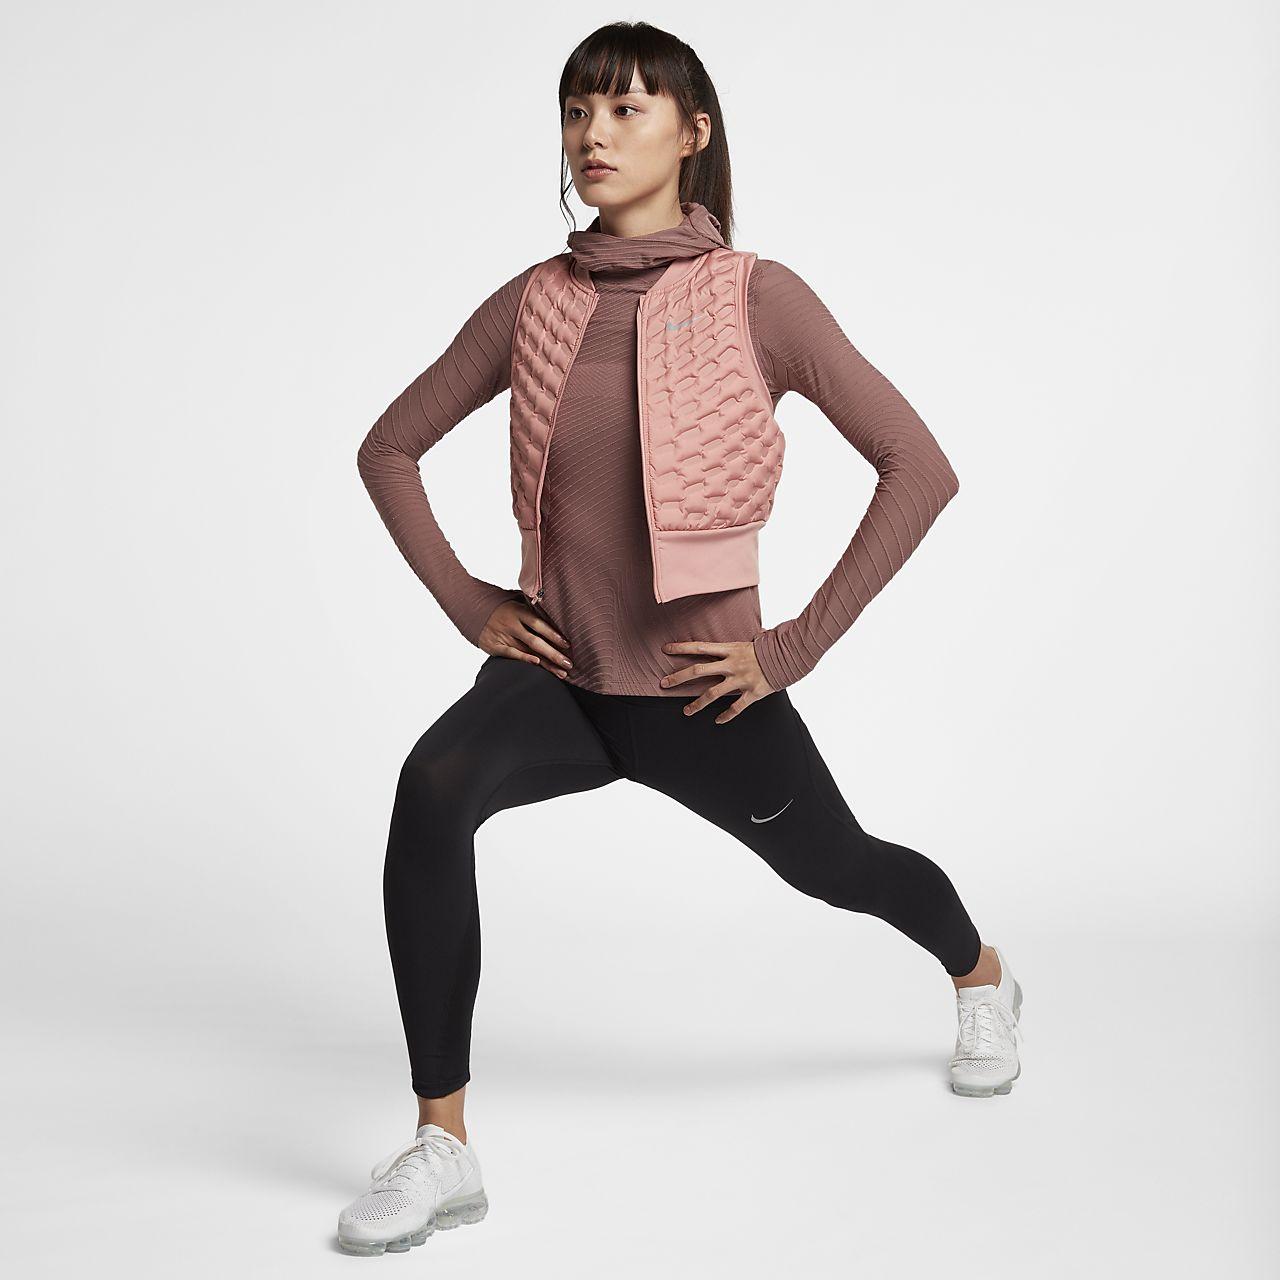 Veste Pour Manches Nike Running Aeroloft Femme Sans Ca De 7qrT7